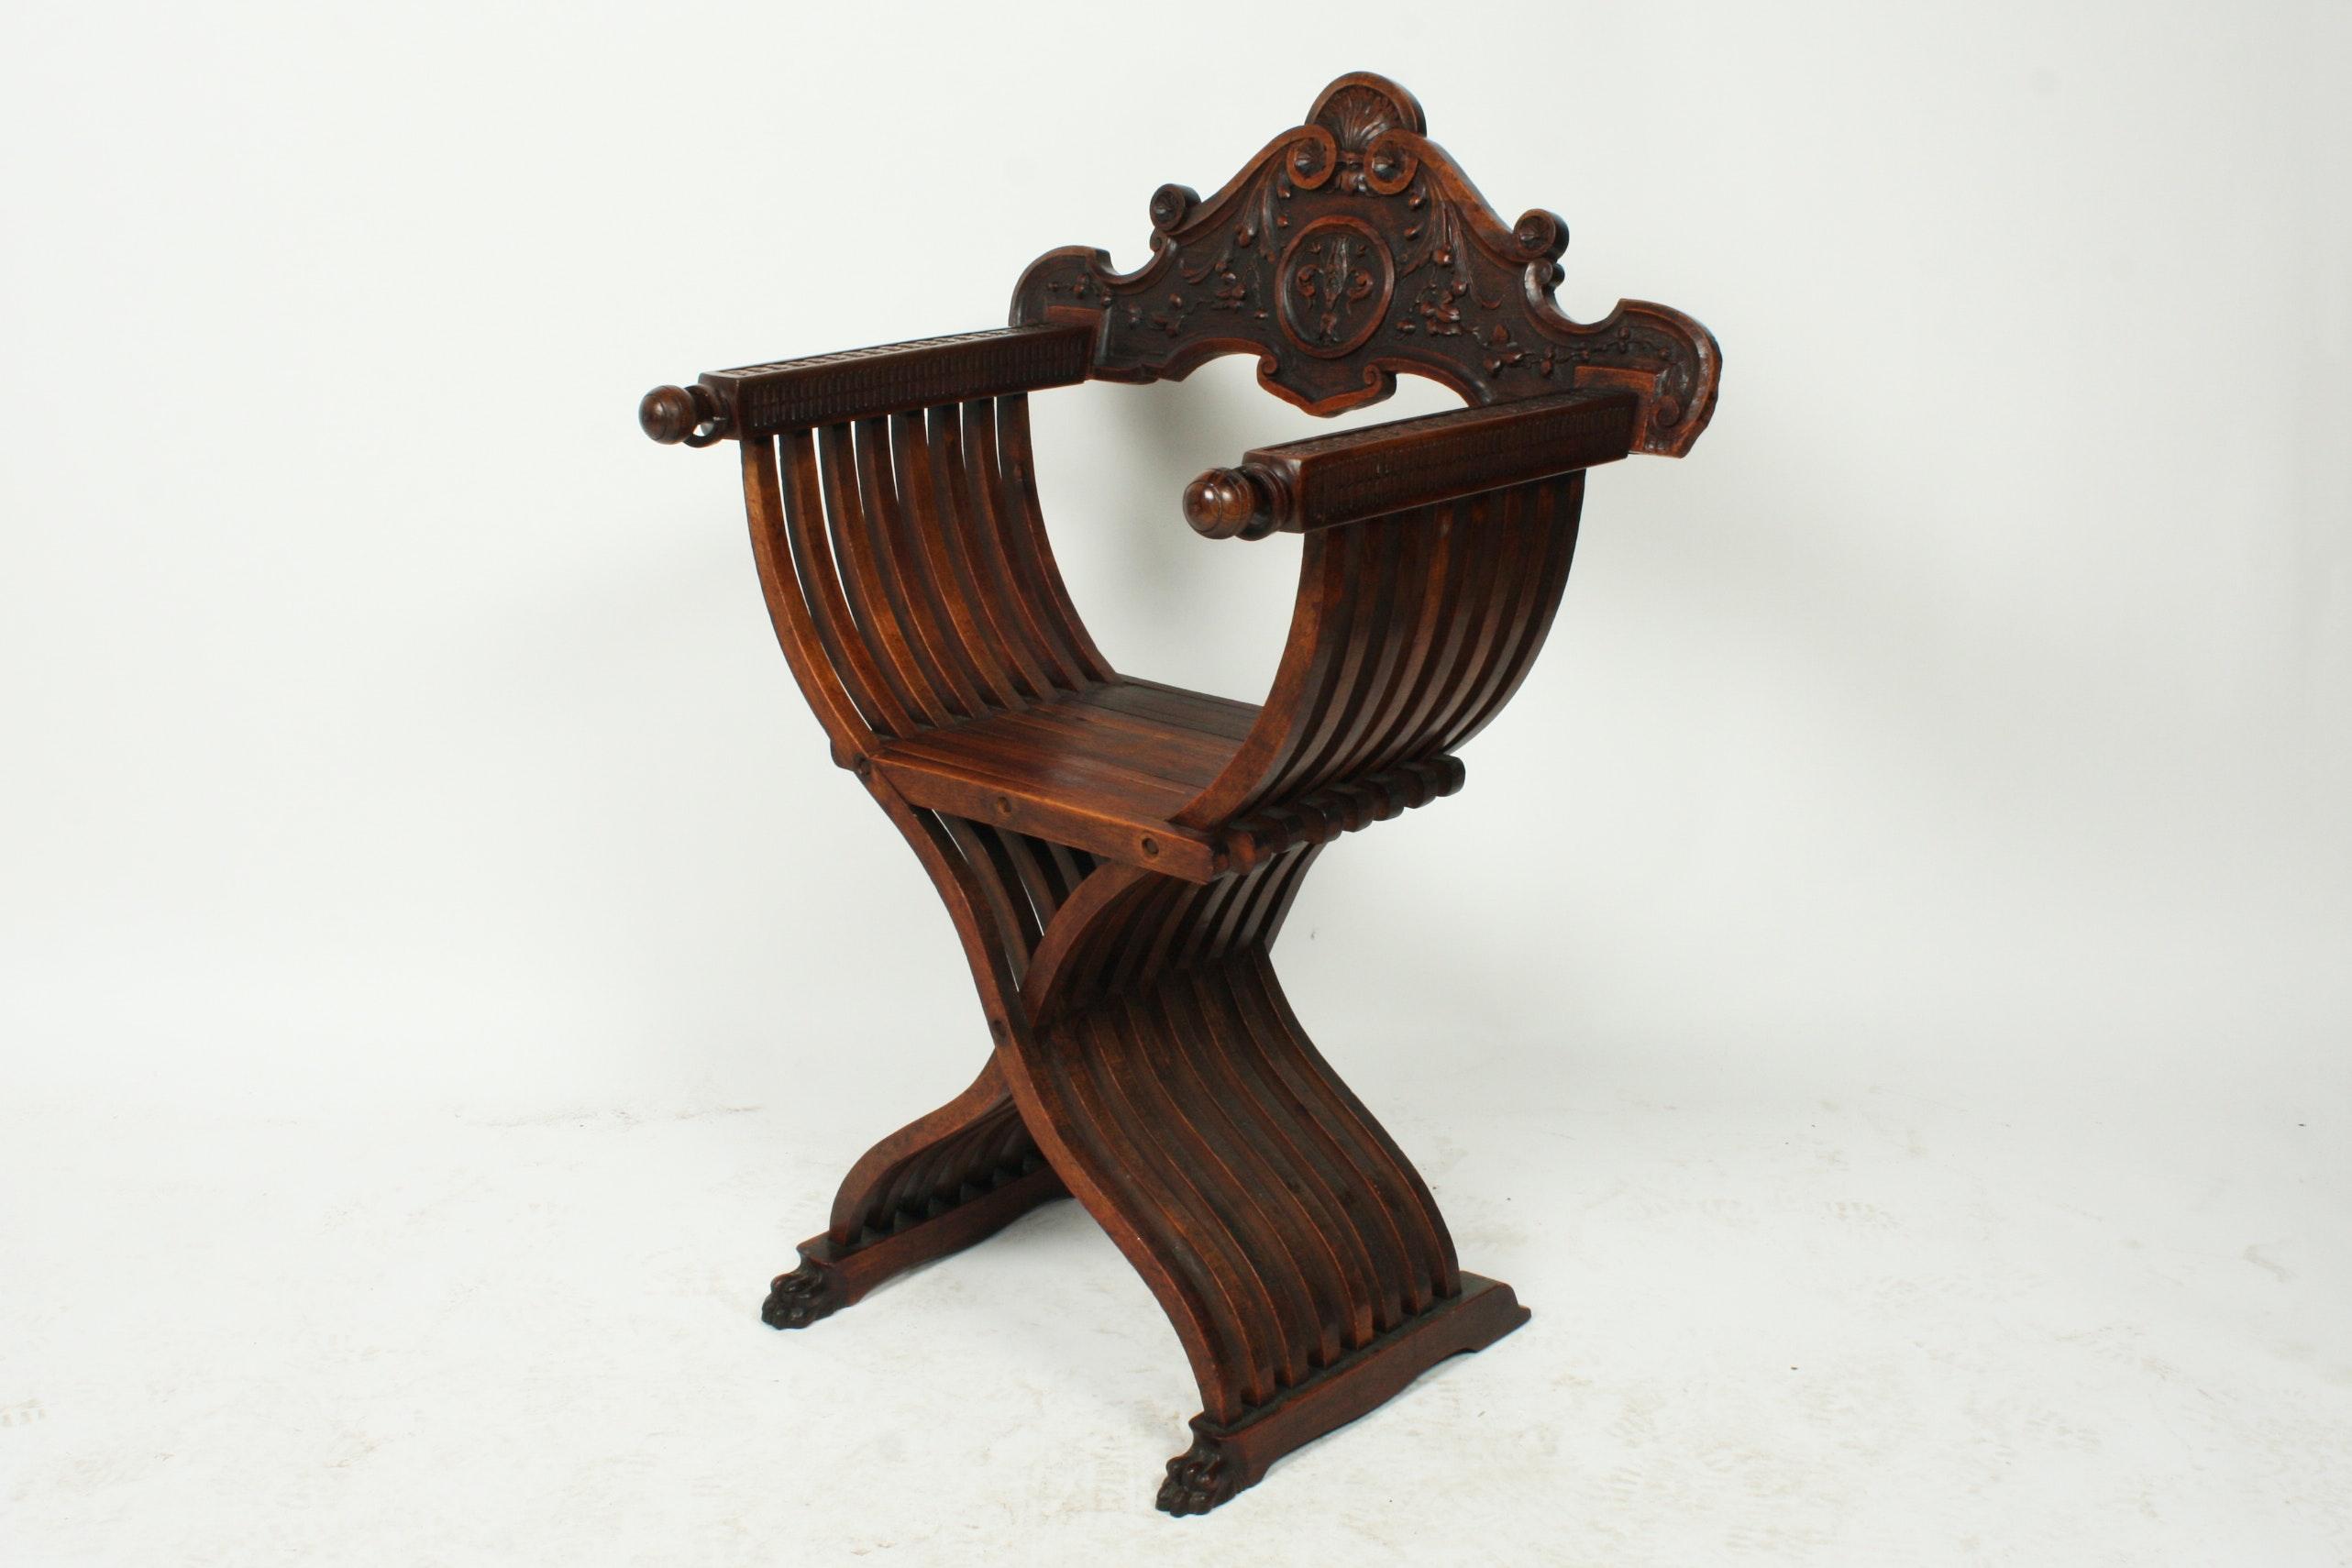 Italian Renaissance Style Savonarola Chair ... & Italian Renaissance Style Savonarola Chair : EBTH